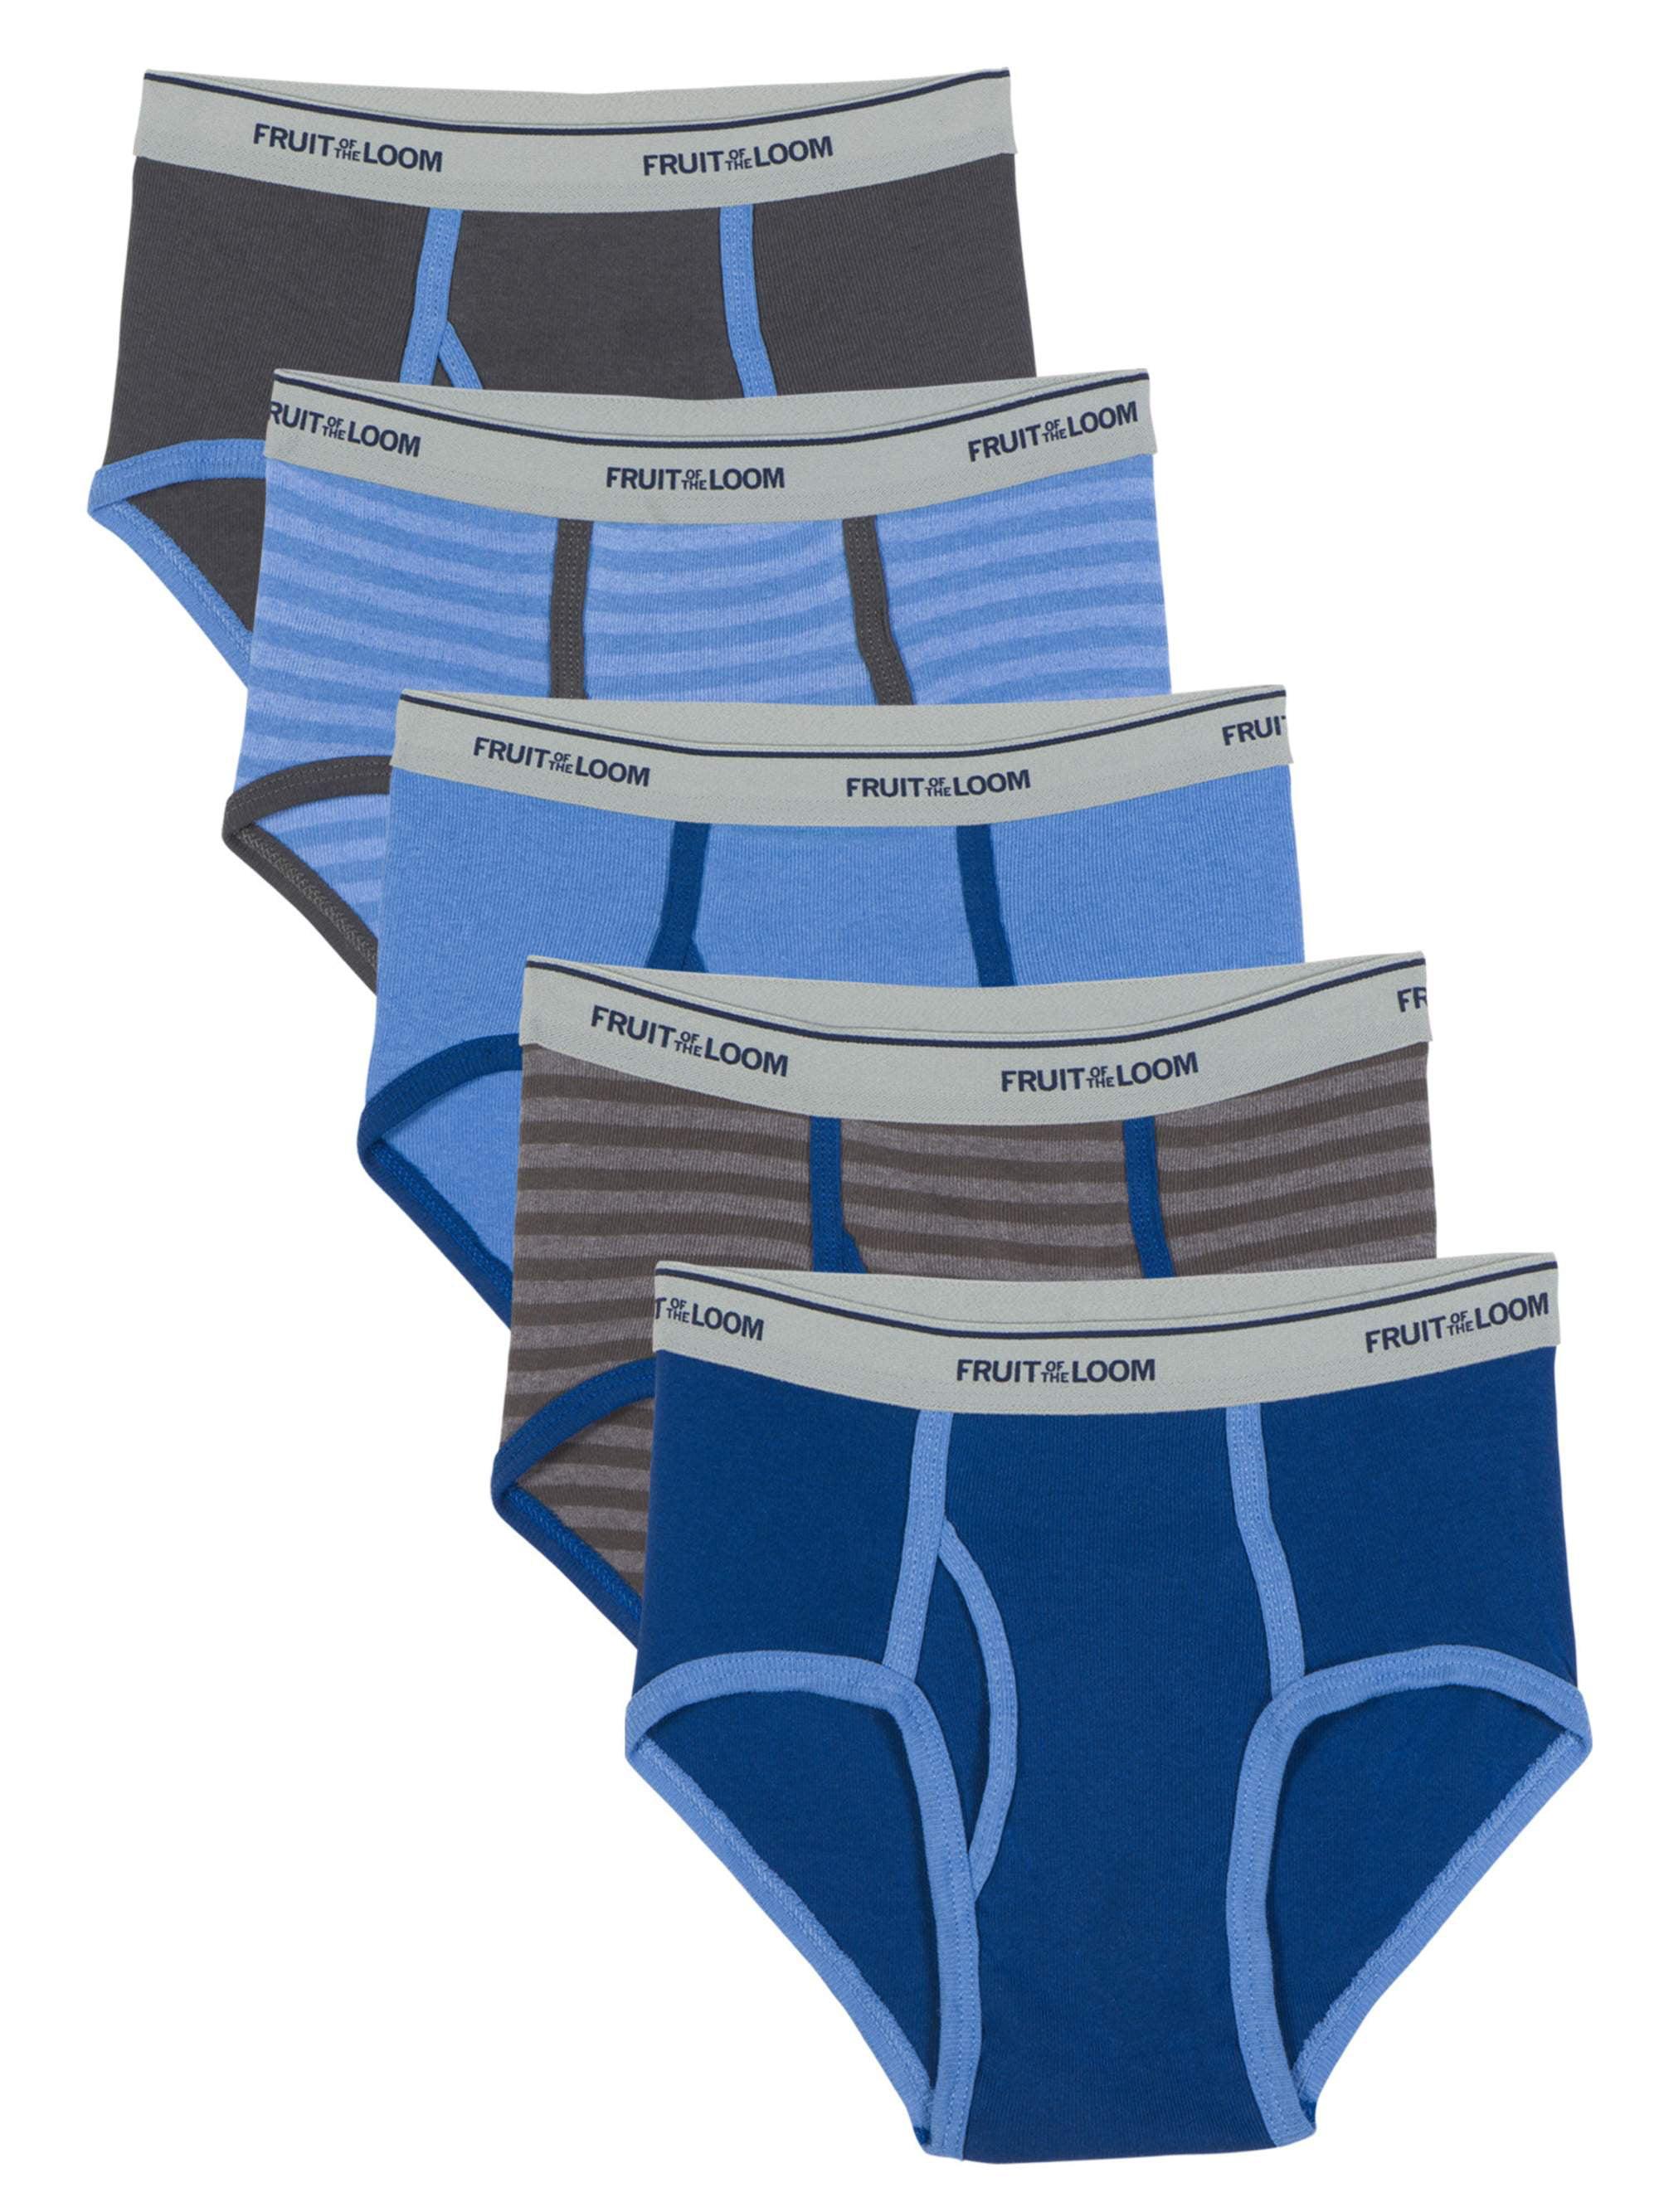 My-way Kids Robot Print Underwear Briefs by Cotton with Five-Packs